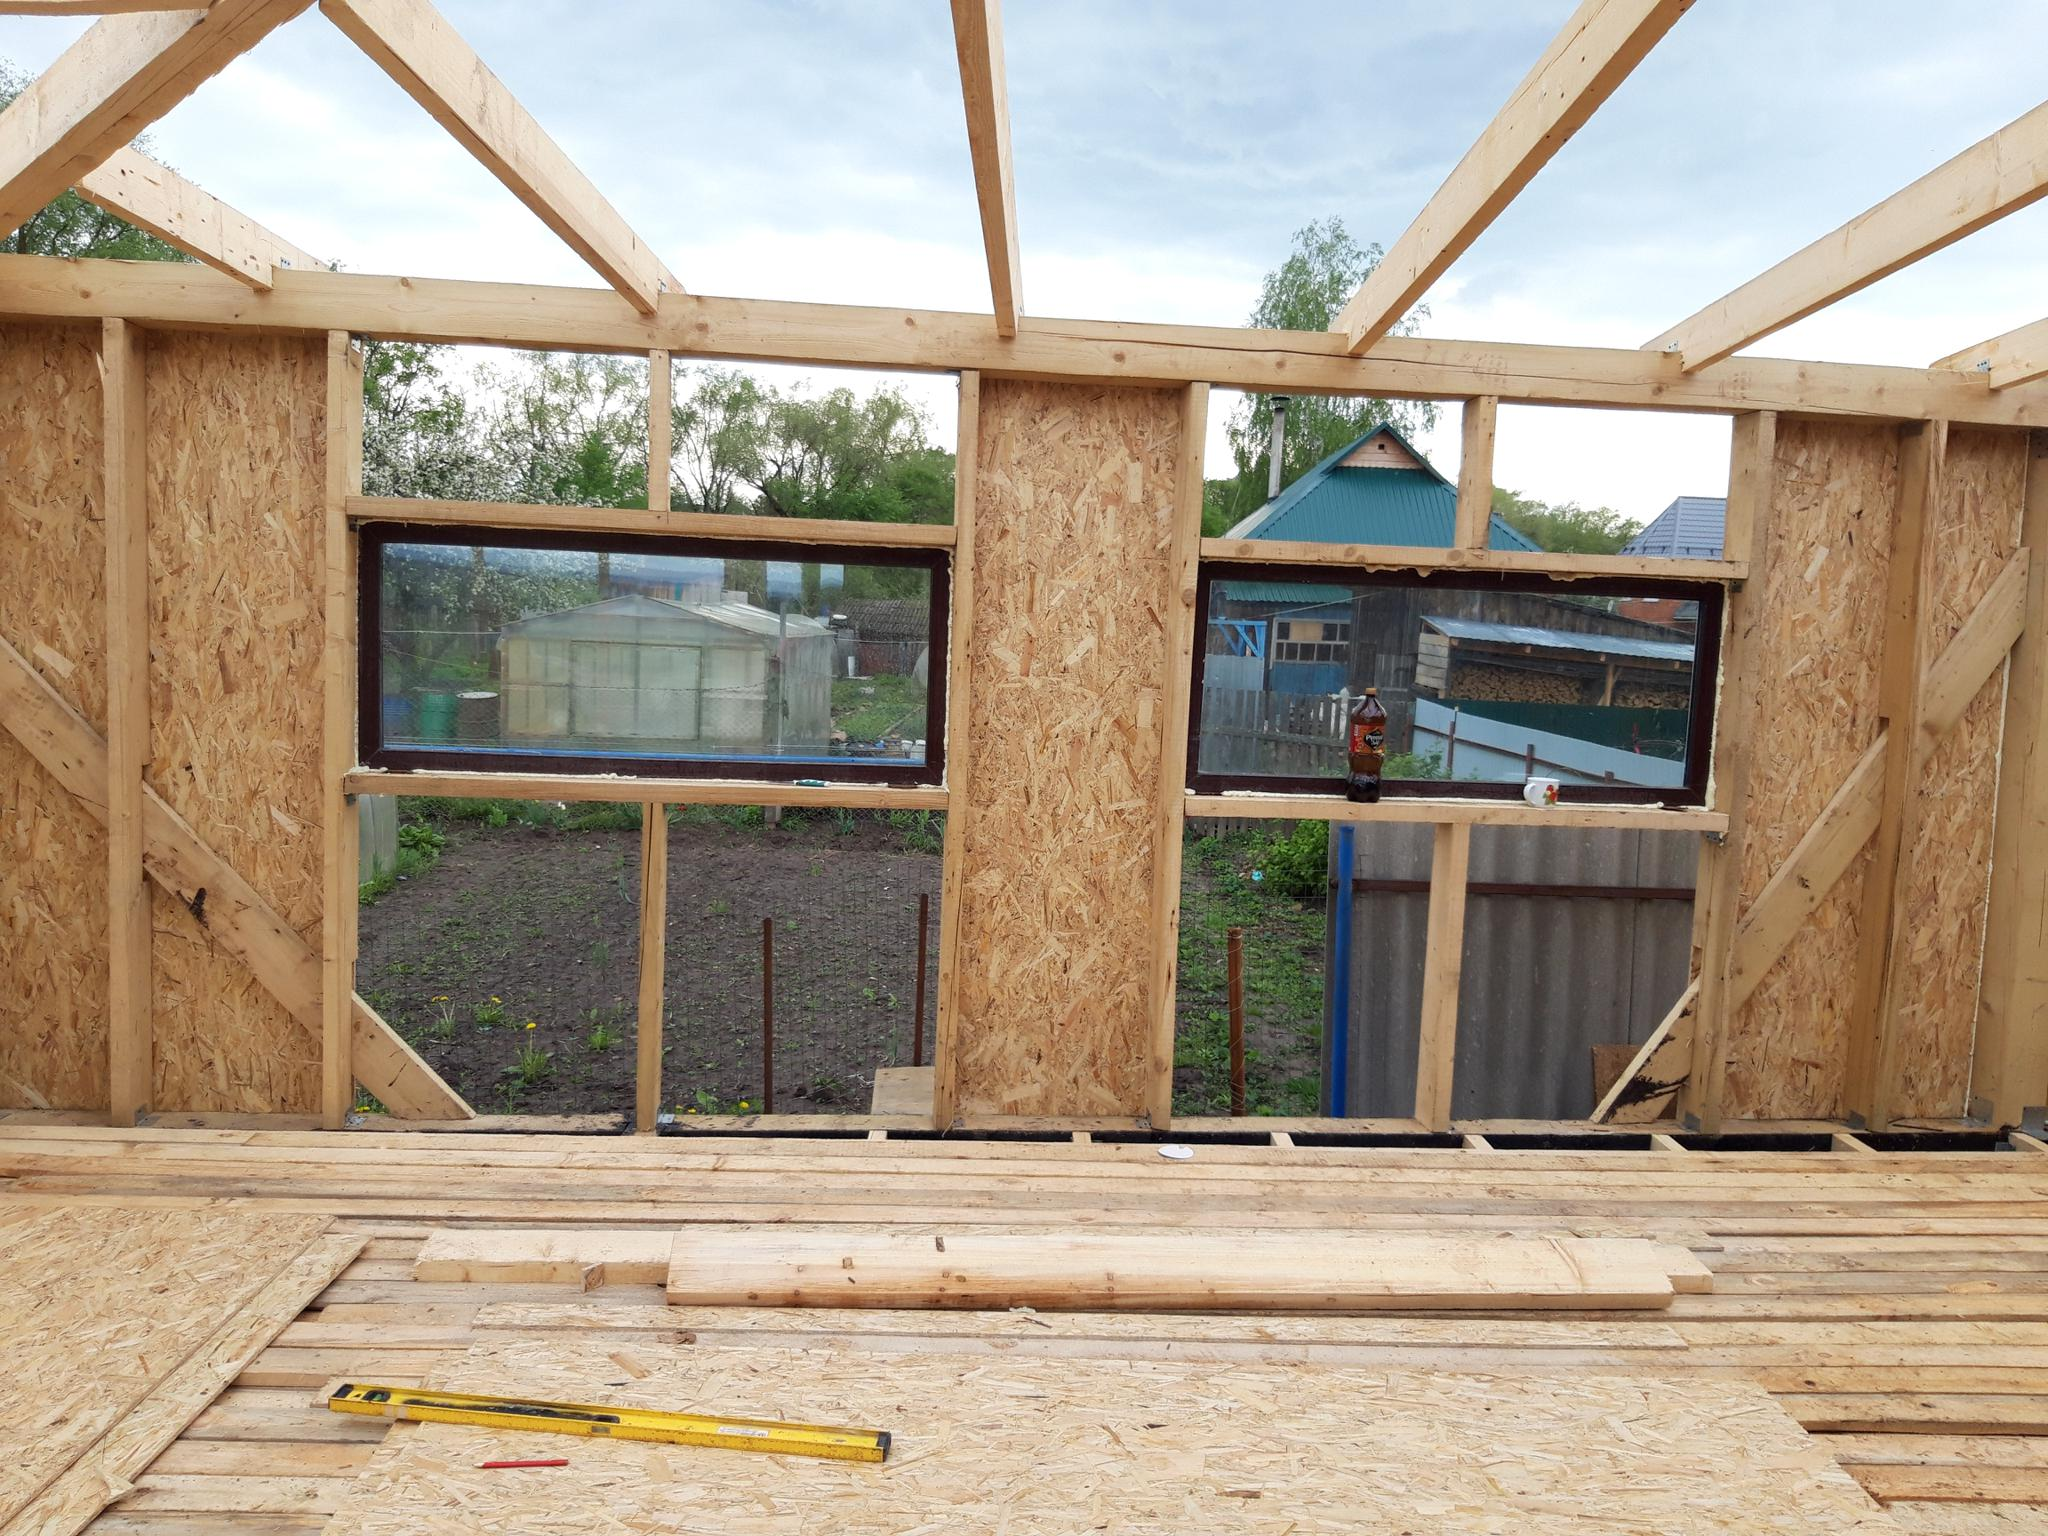 Чем обшить неотапливаемую веранду внутри : виды материалов для стен и потолка - самстрой - строительство, дизайн, архитектура.